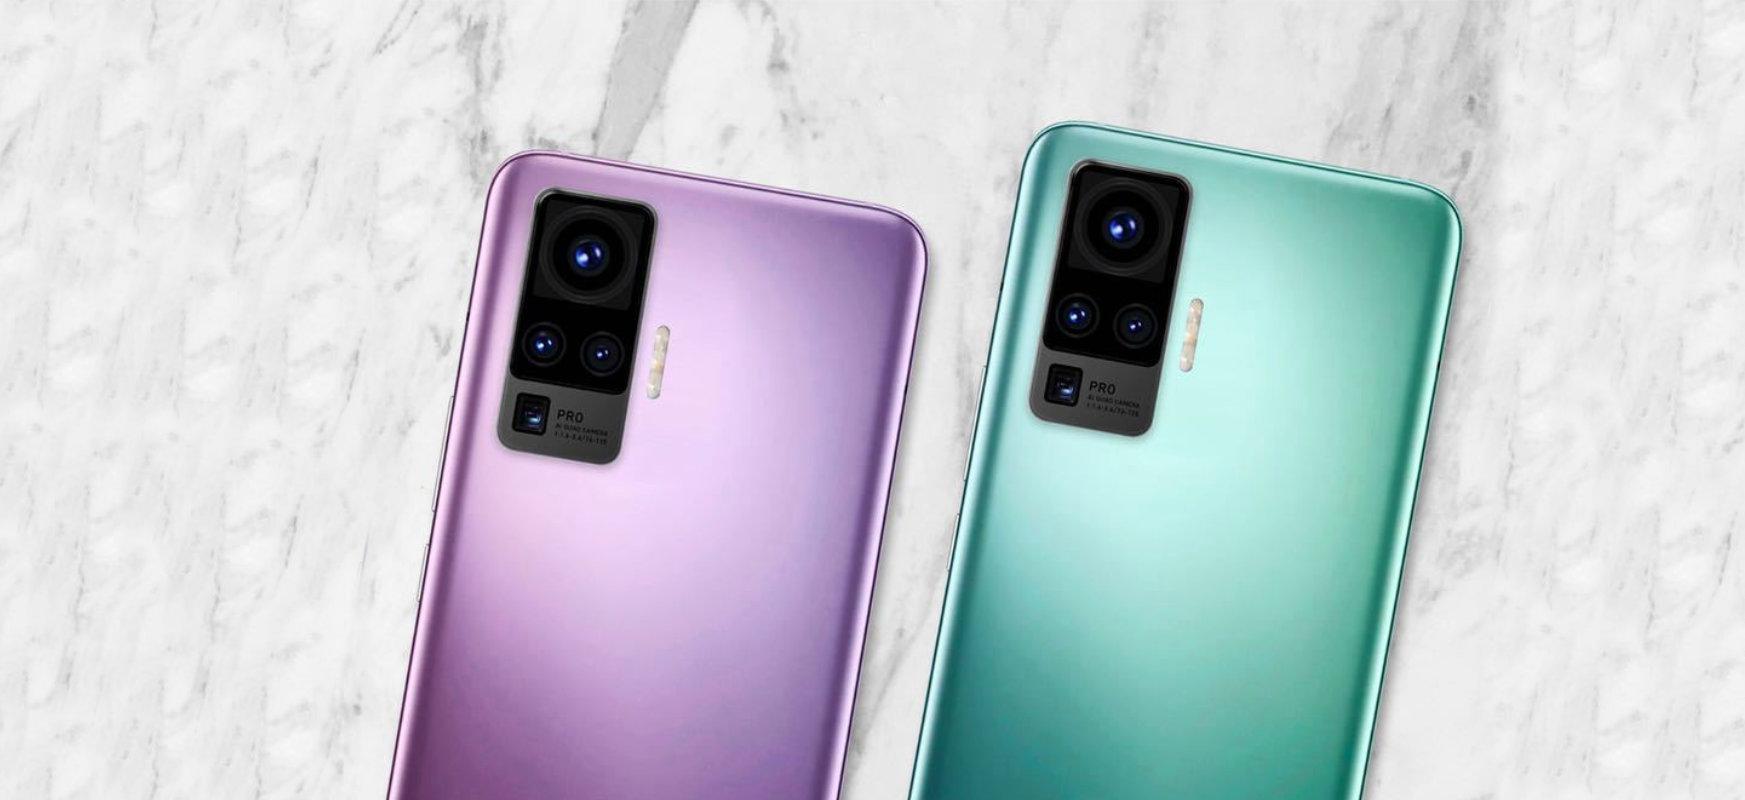 Gimbal smartphone-ean integratua.  Vivo-k X50 Pro nola funtzionatuko duen erakusten du